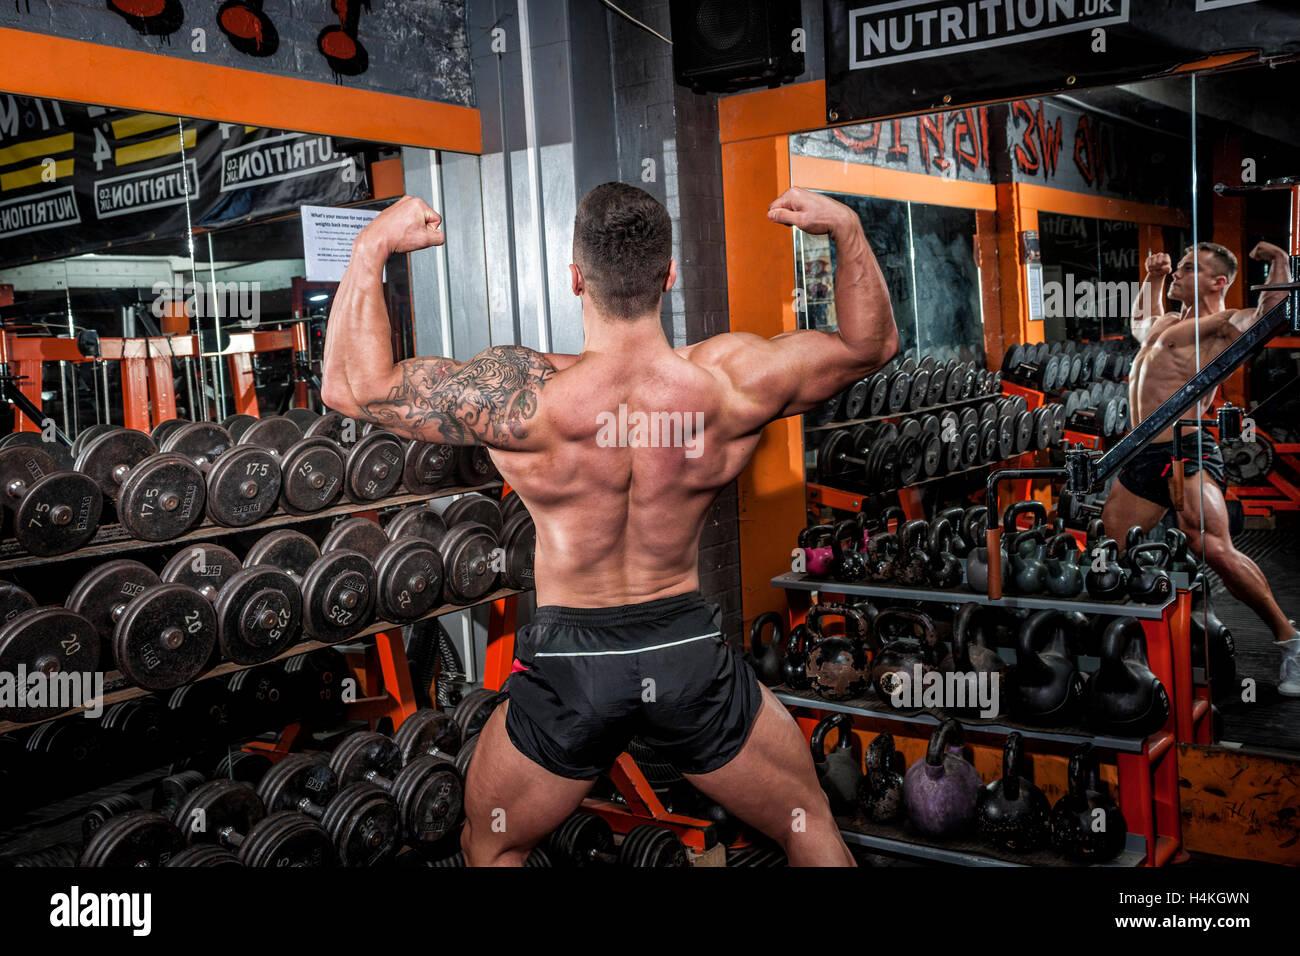 El carrocero haciendo competencia poses y mostrando define la espalda y los músculos del brazo Imagen De Stock